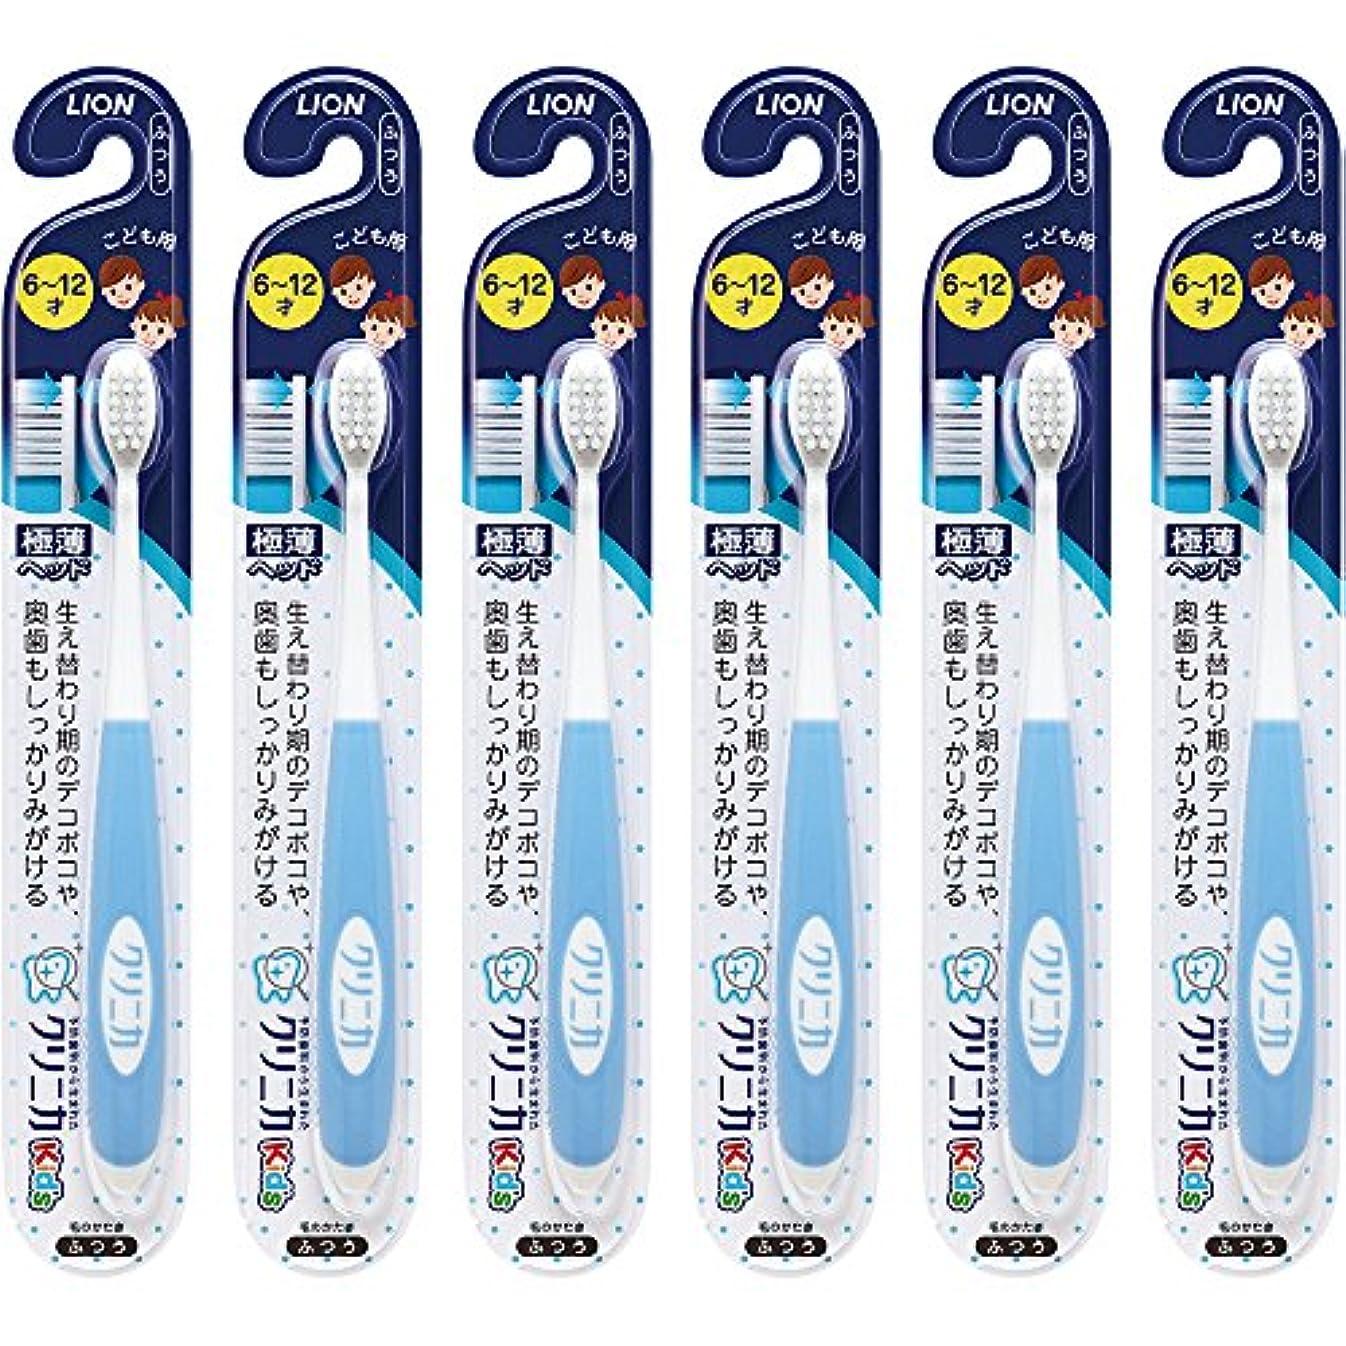 ディンカルビル覆す残酷なクリニカKid's ハブラシ 6-12才用 6本パック(ブルー)